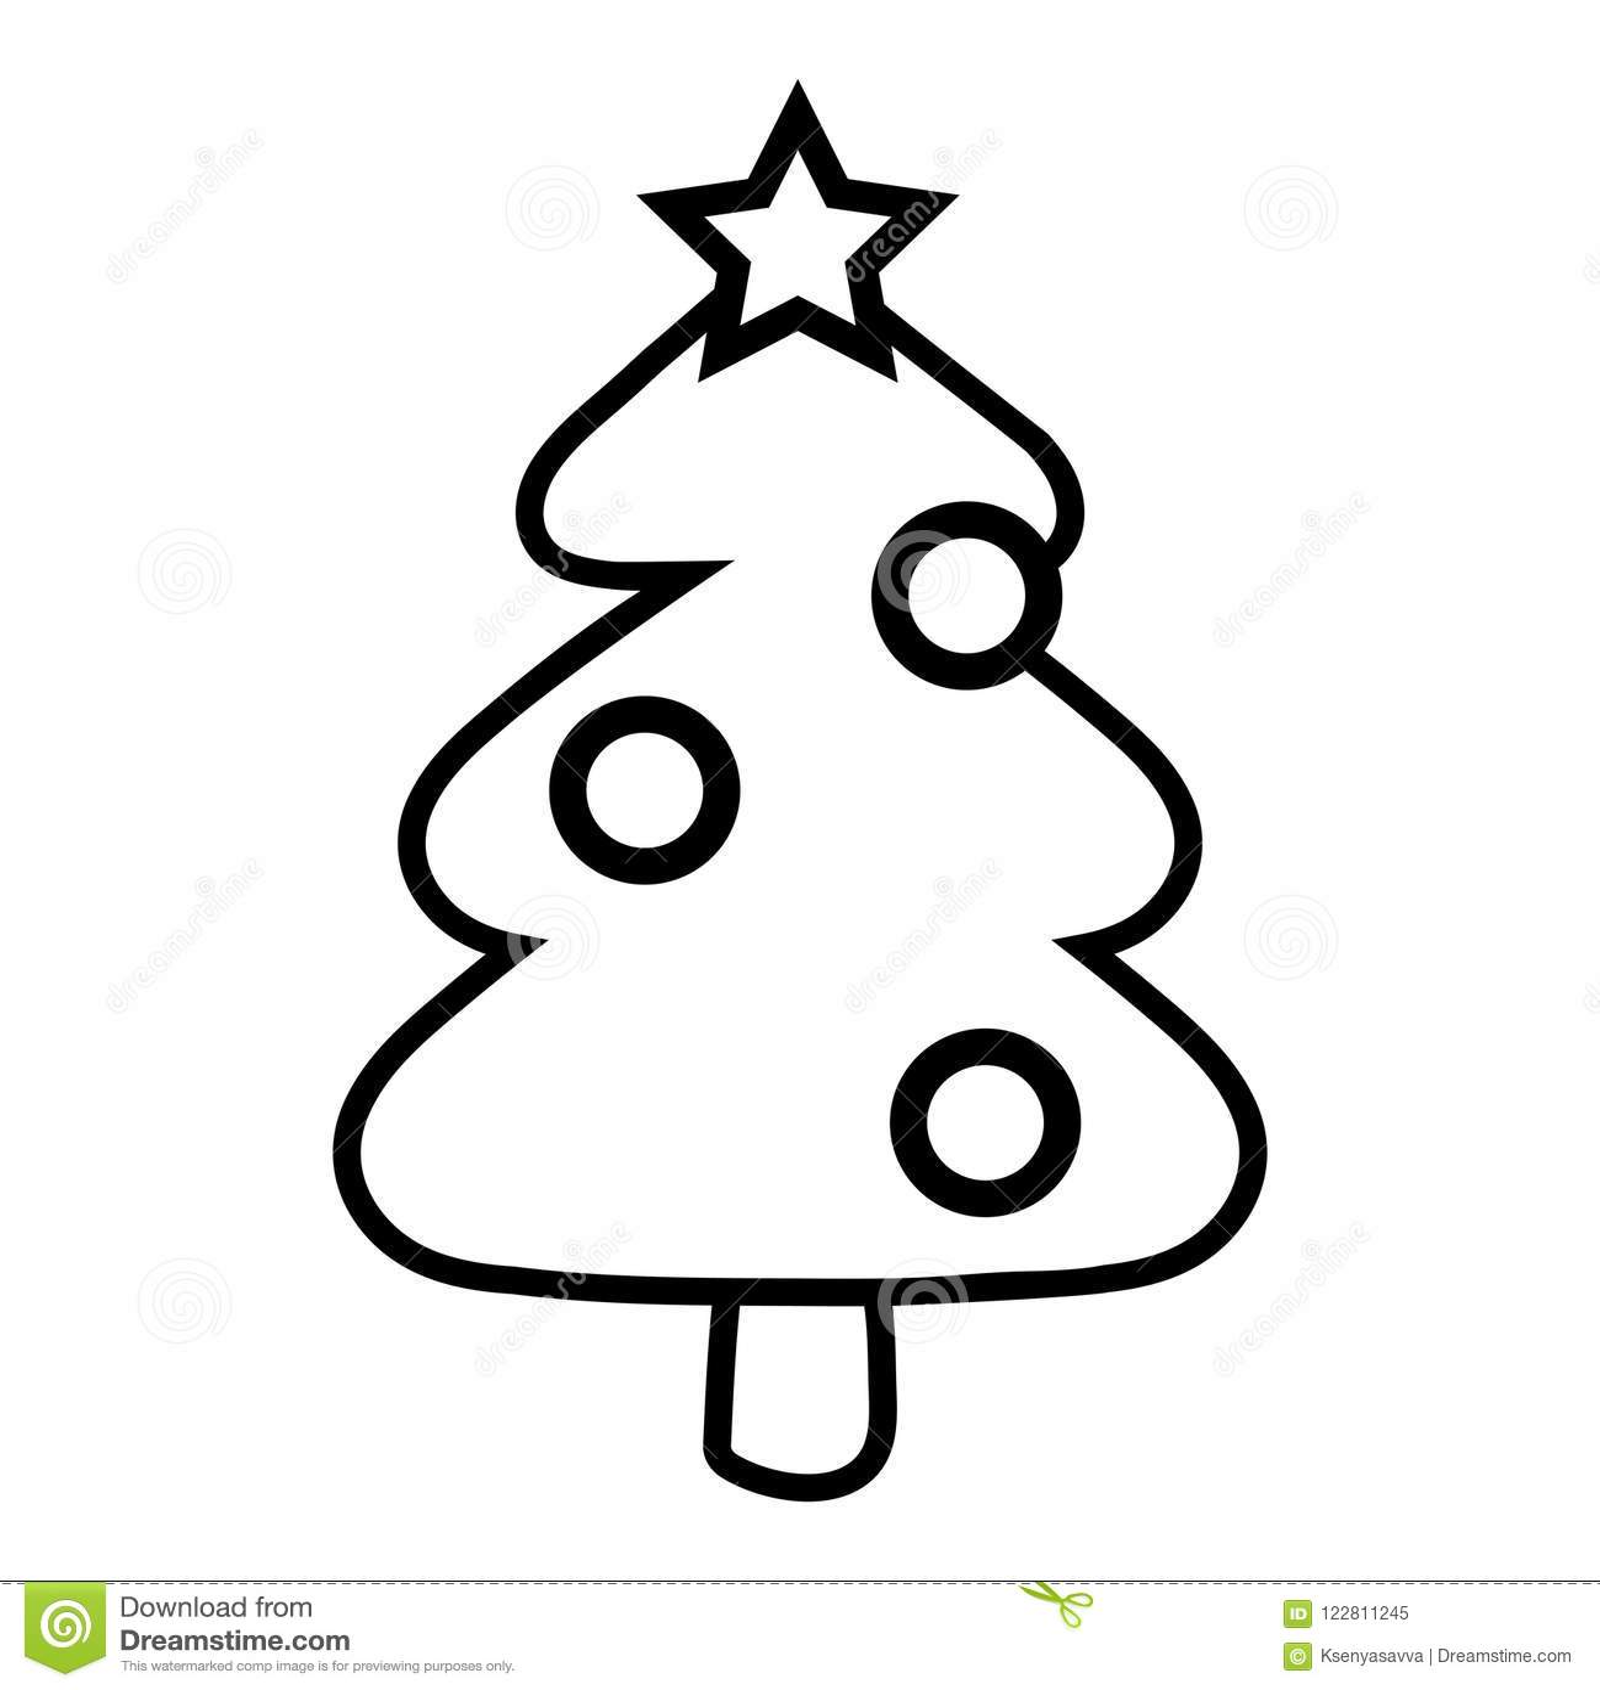 Albero Di Natale Immagini Da Colorare.Libro Da Colorare Albero Di Natale Illustrazione Vettoriale Illustrazione Di Isolato Illustrazione 122811245